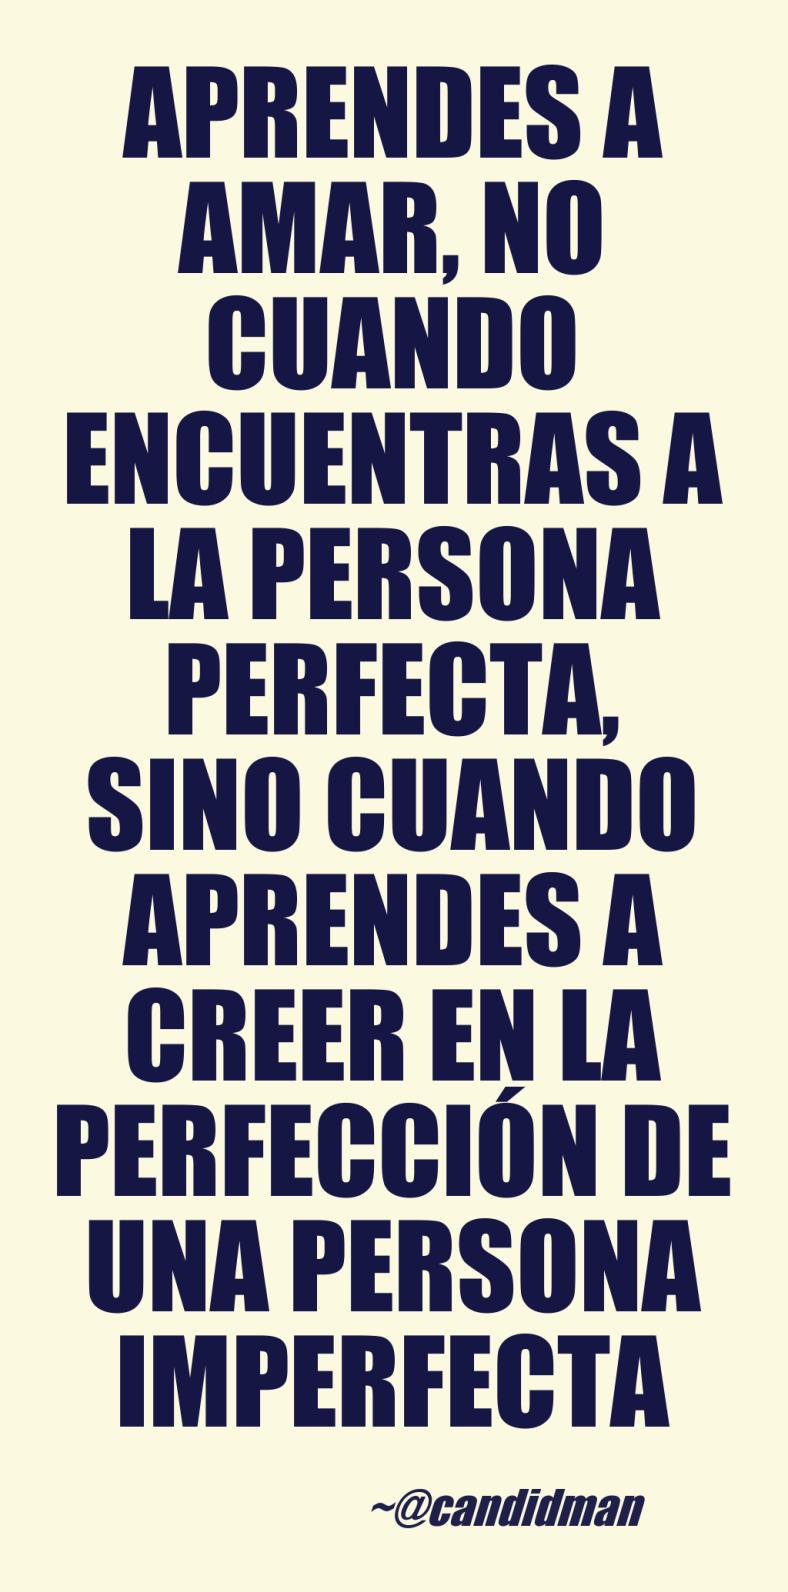 20160716 Aprendes a amar, no cuando encuentras a la persona perfecta, sino cuando aprendes a creer en la perfección de una persona imperfecta - @Candidman